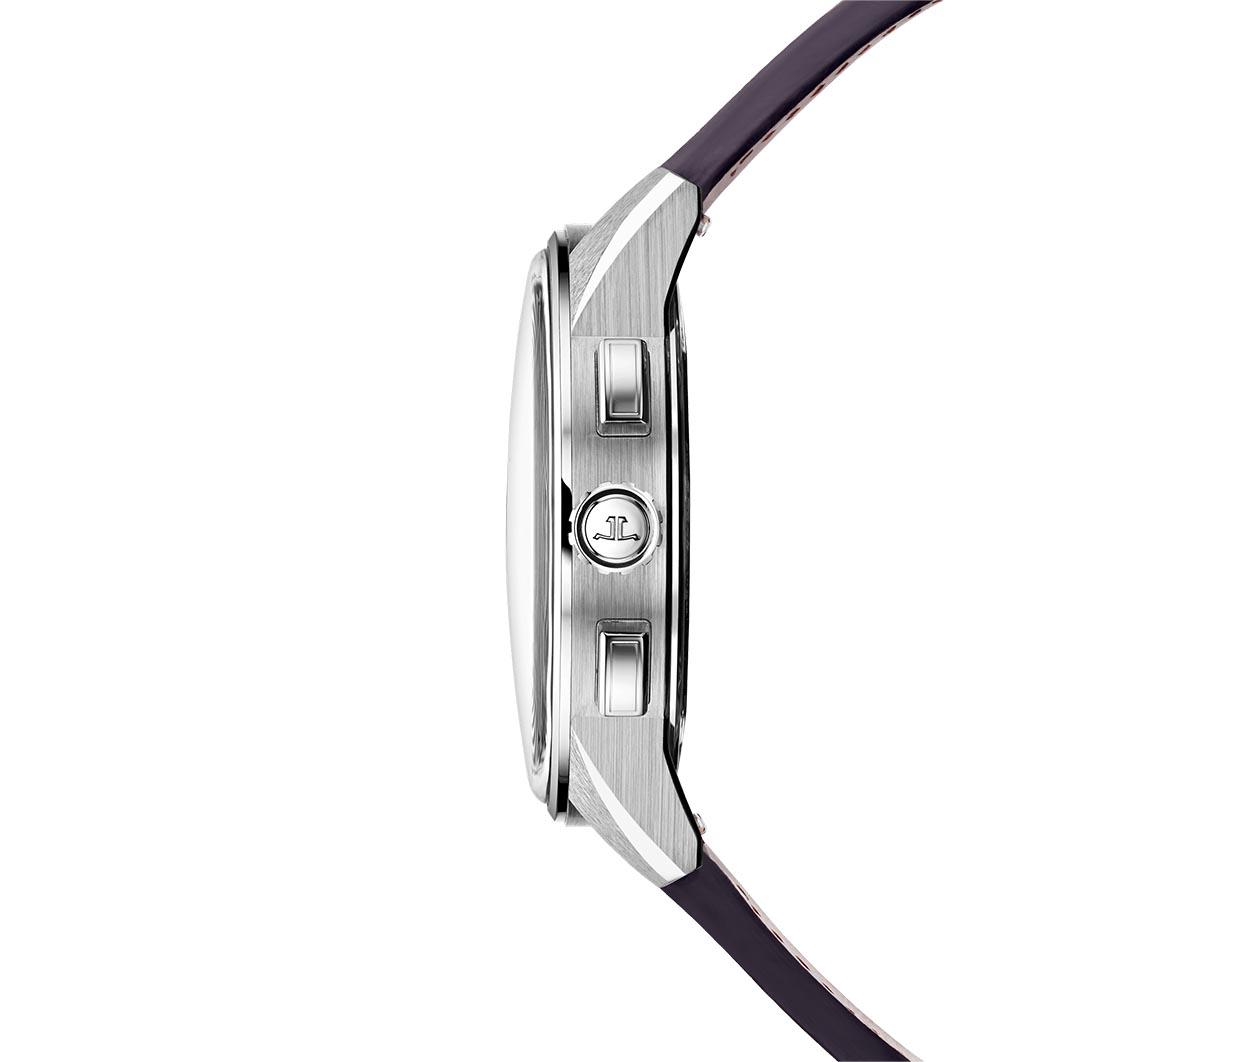 JaegerLeCoultre Polaris Chronograph 9028480 Carousel 2 FINAL